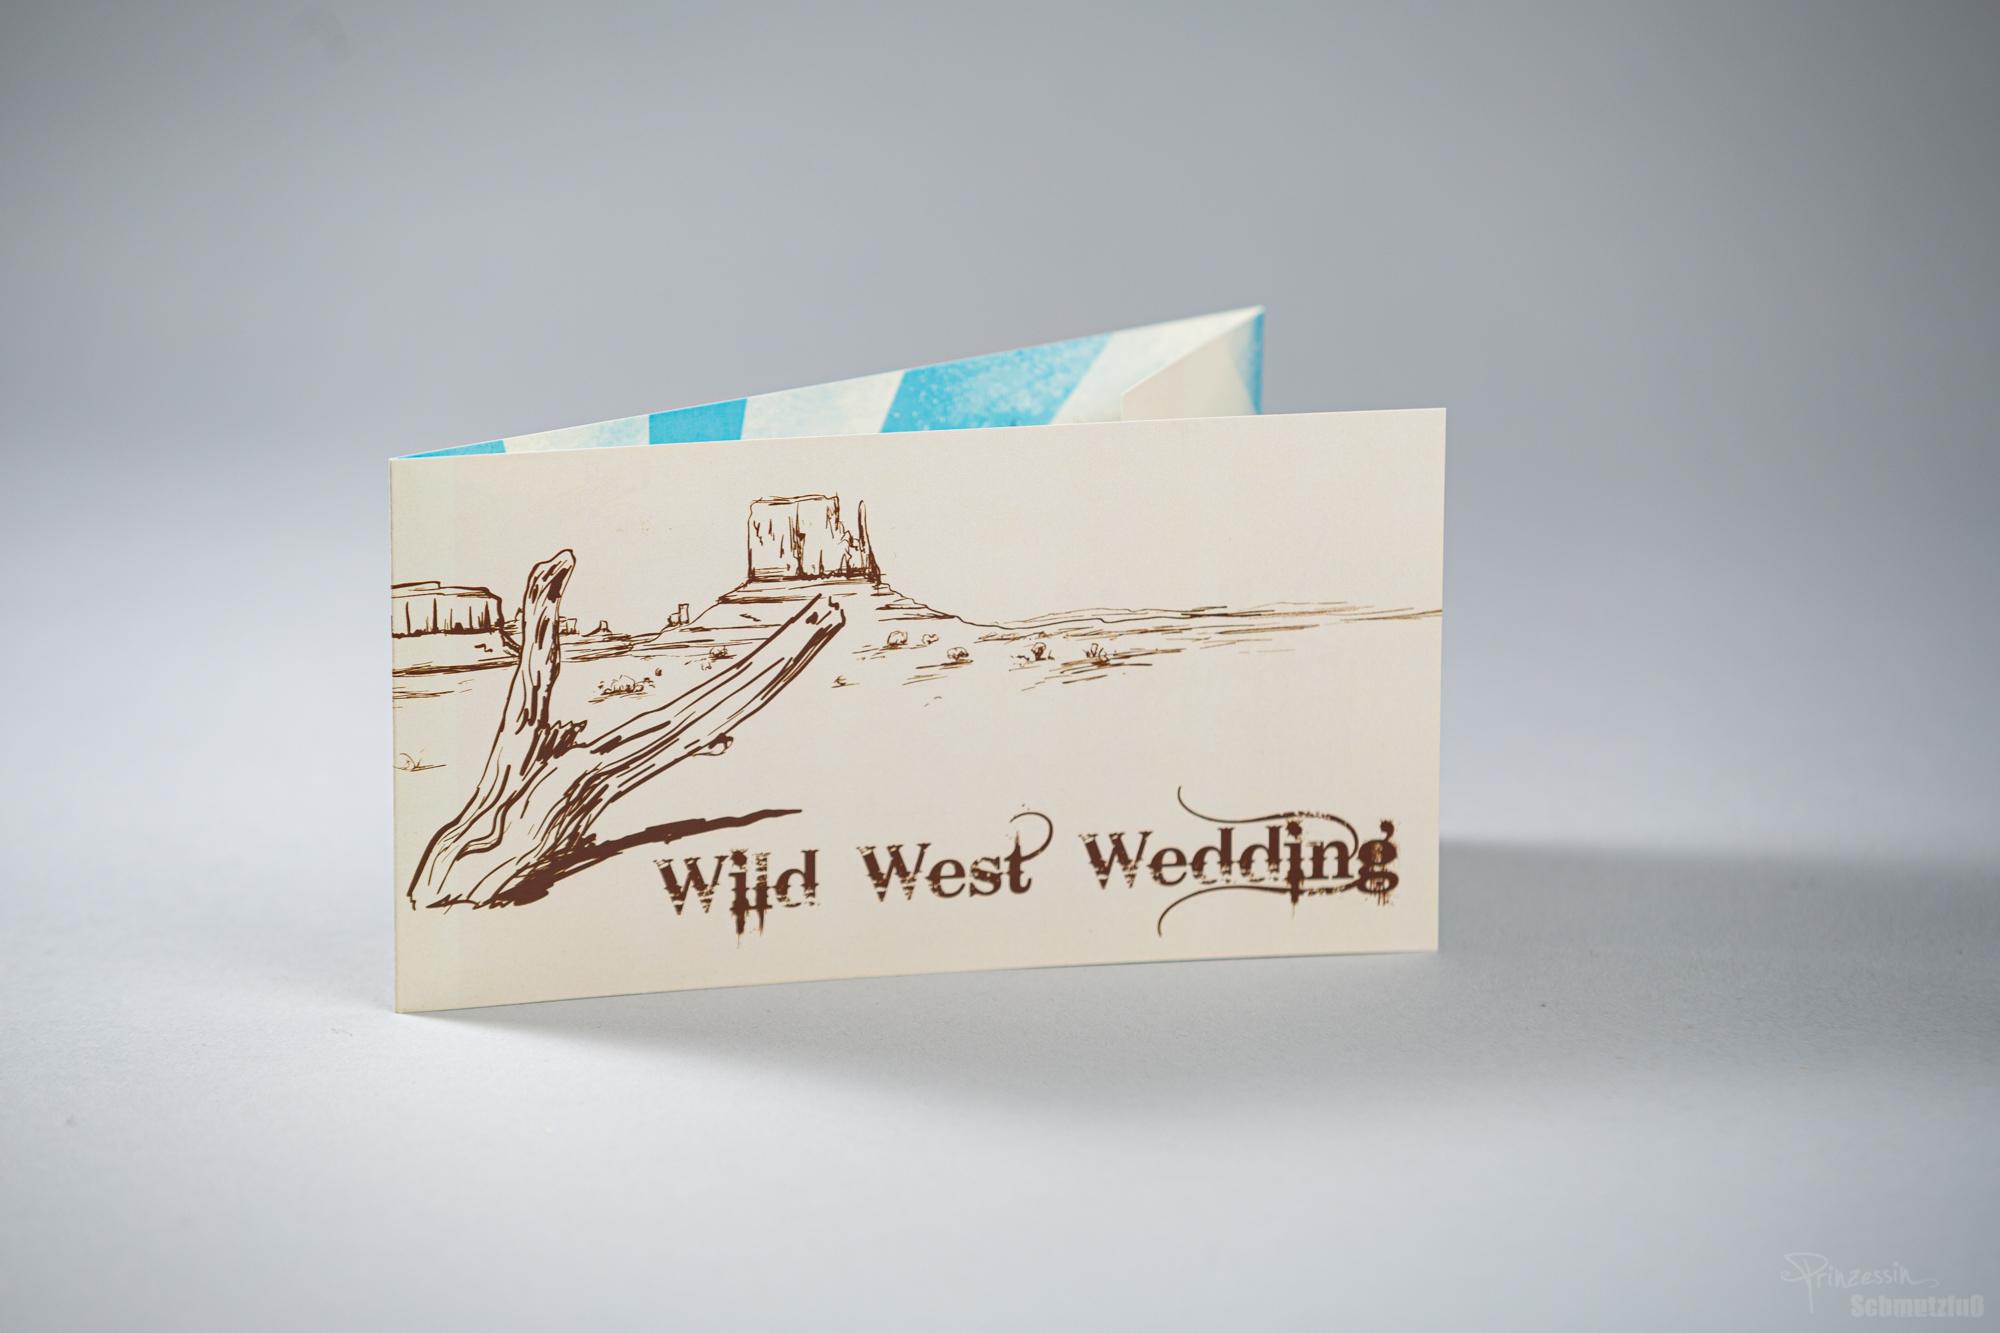 Hochzeitseinladung | Layout | Zeichnungen erstellen | privat | Anstellung bei da vinci design